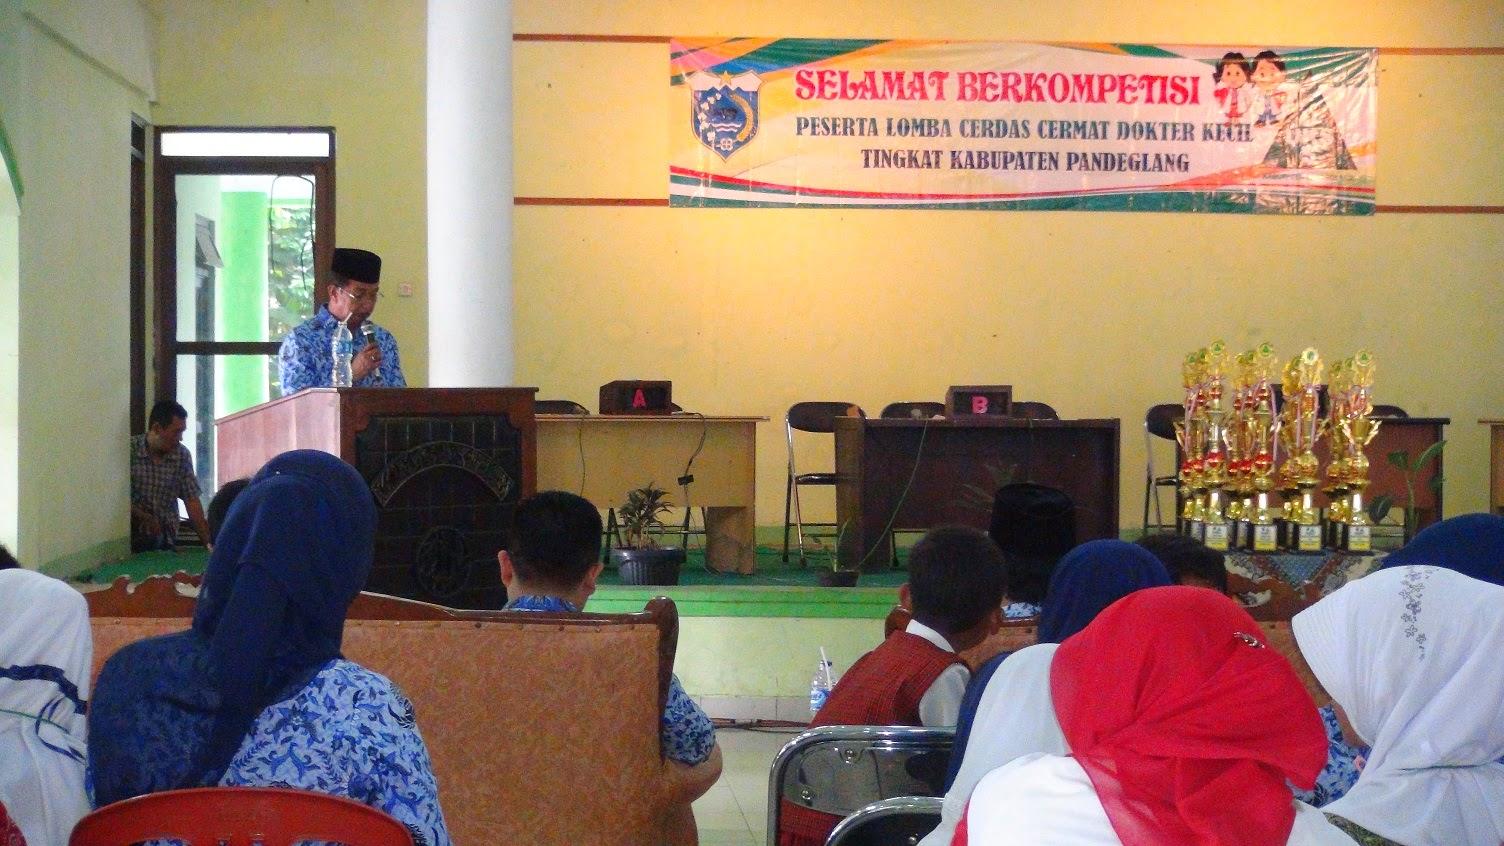 Dinas Kesehatan Kabupaten Pandeglang Juni 2014